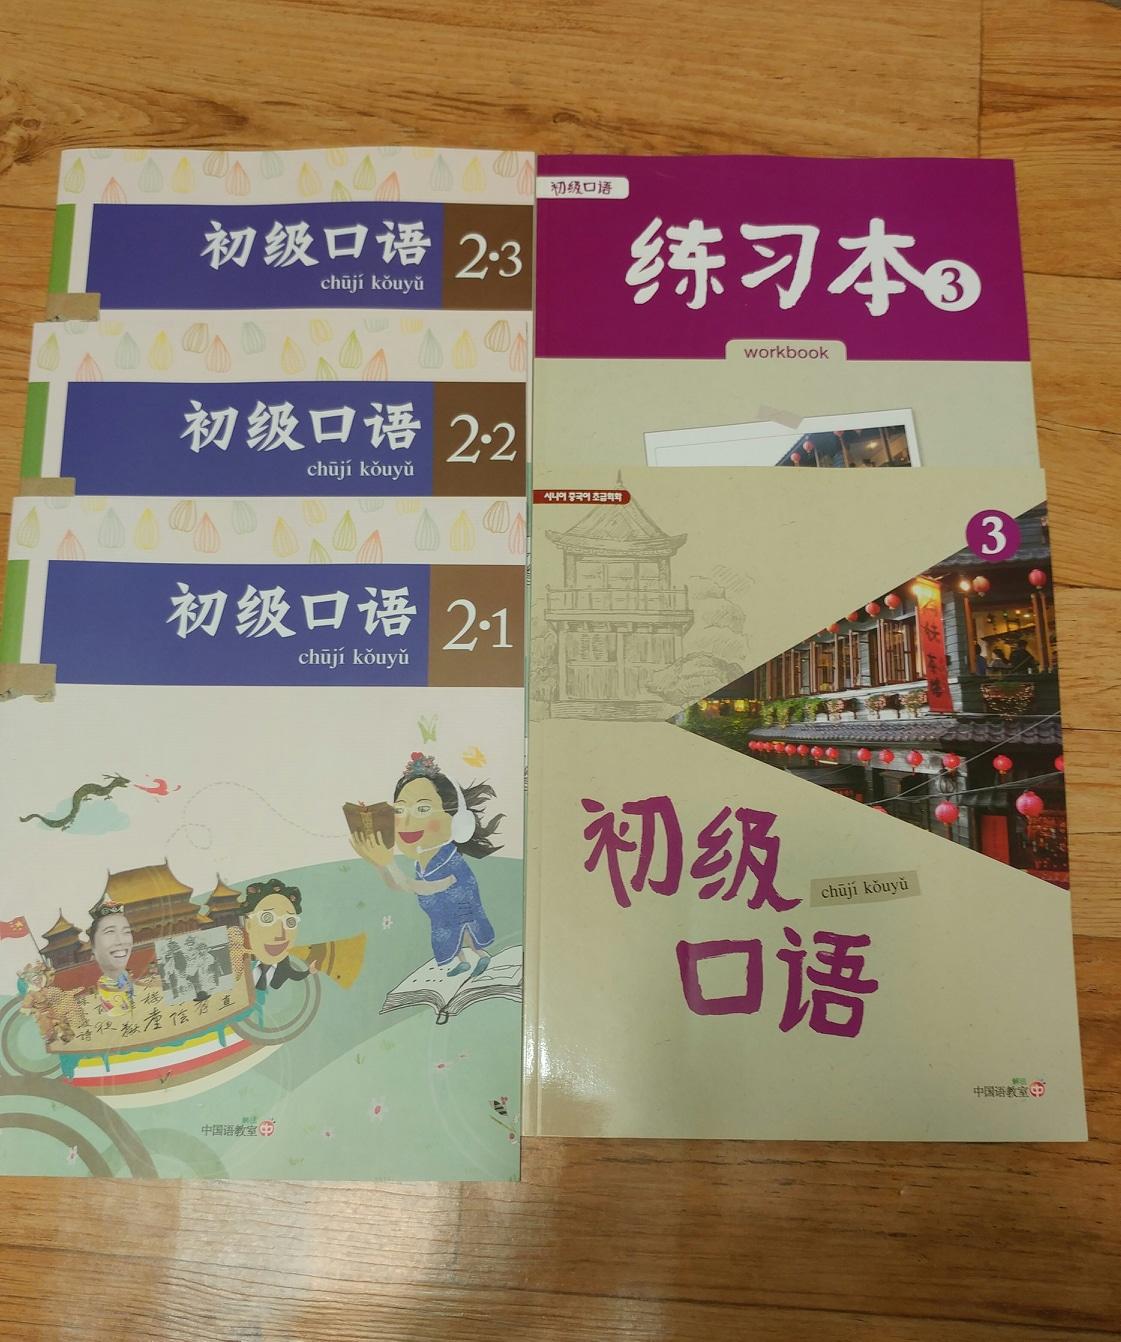 초급중국어 회화교재